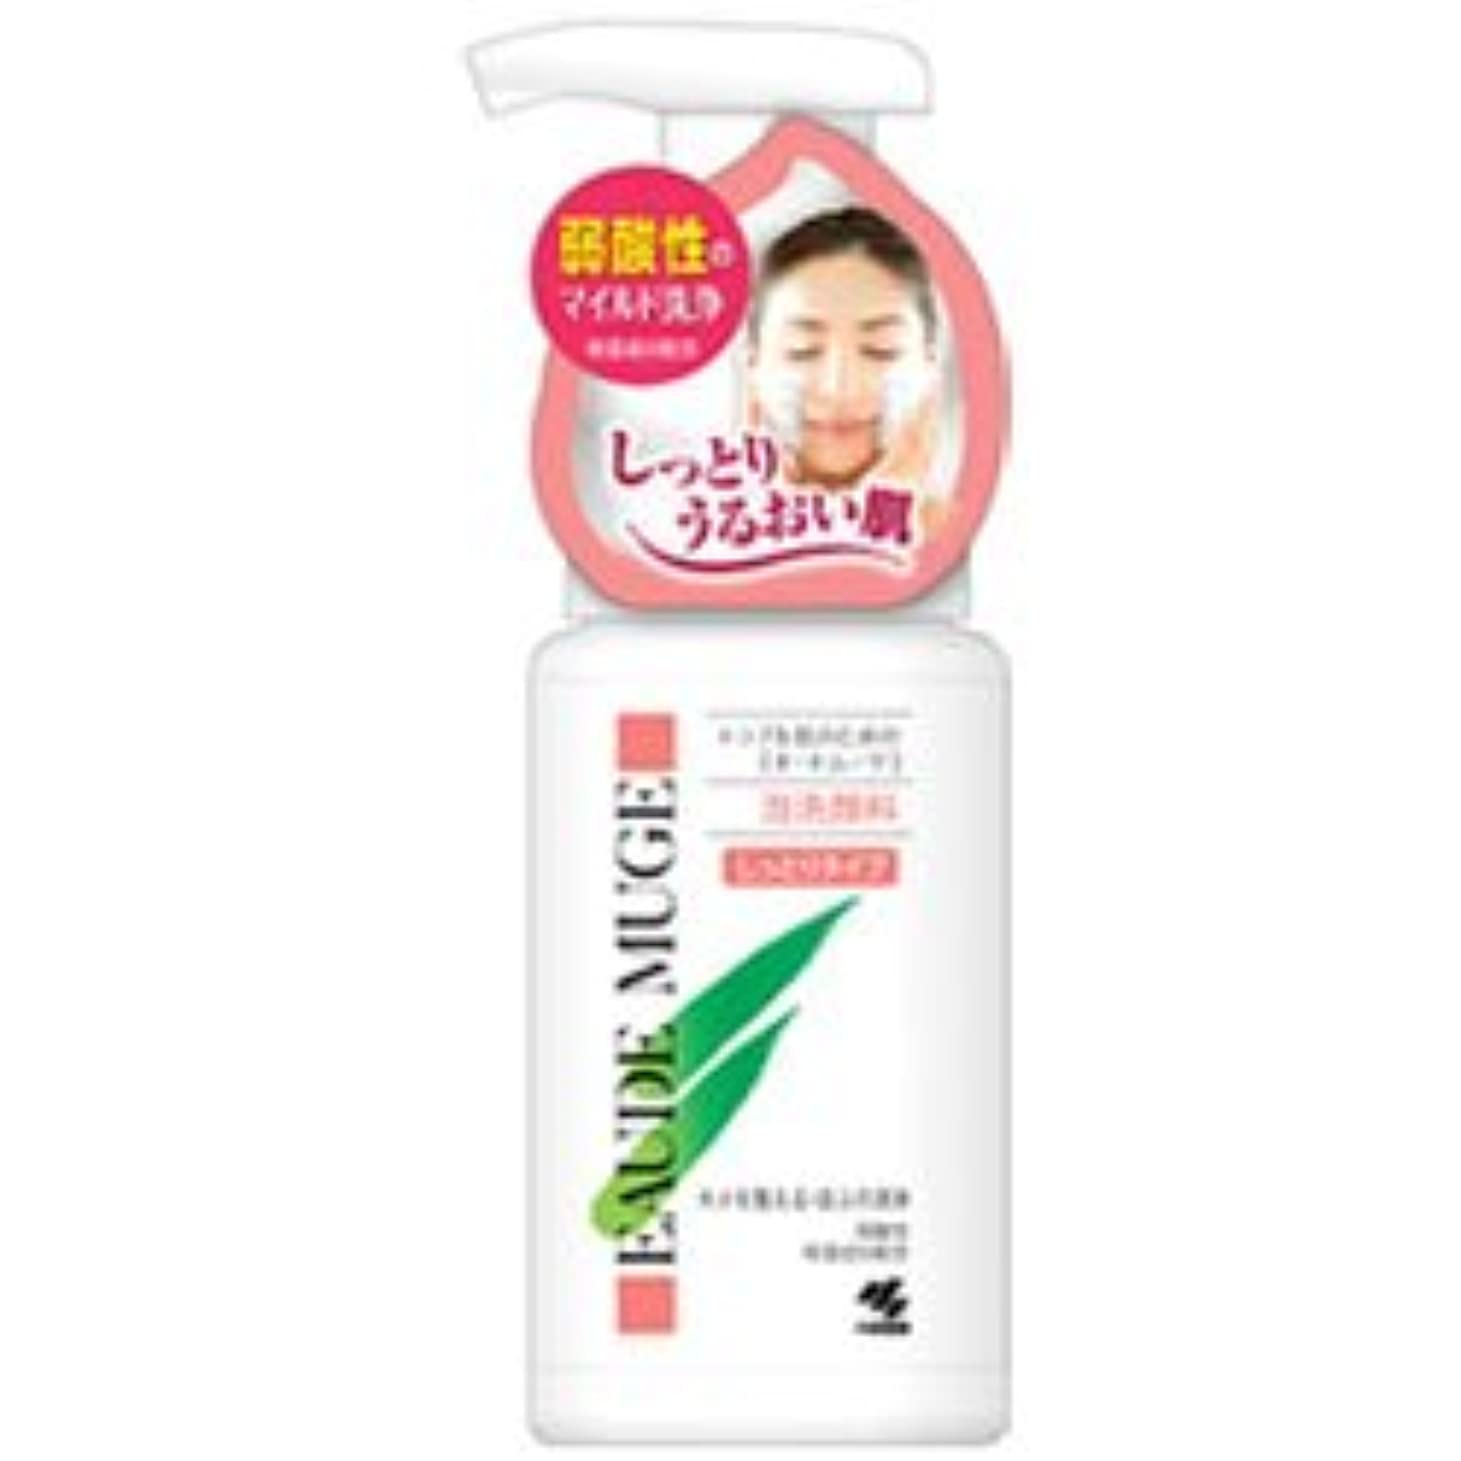 ヒロイン長方形強います【小林製薬】オードムーゲ 泡洗顔料 しっとりタイプ 150ml ×3個セット